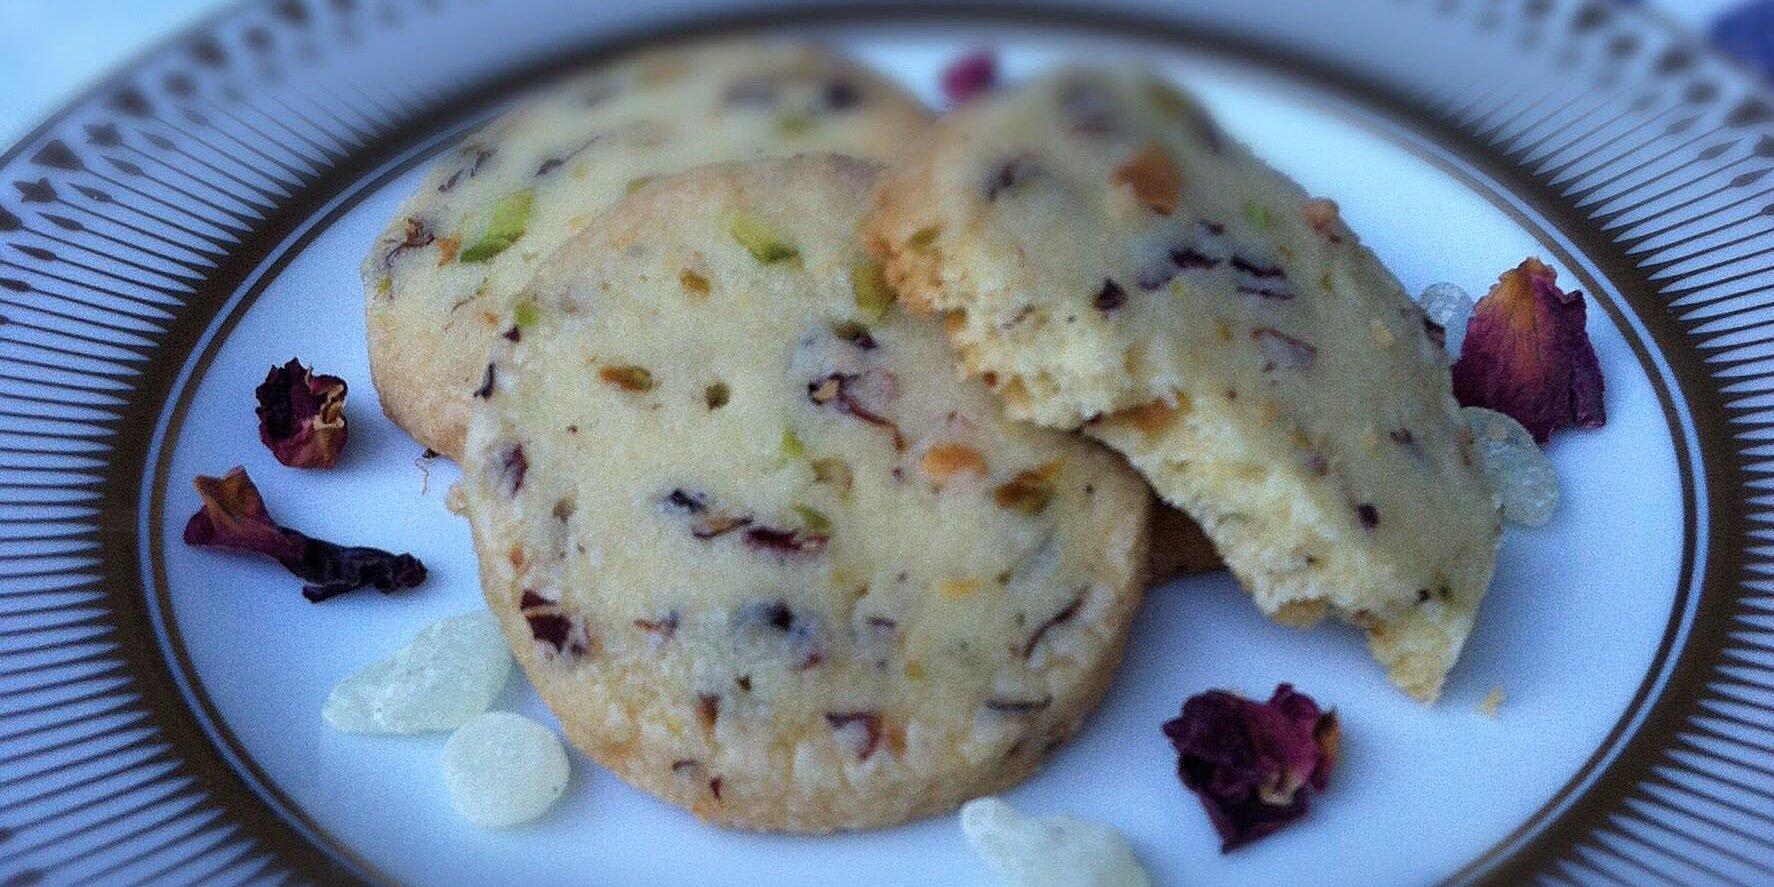 rose pistachio shortbread recipe